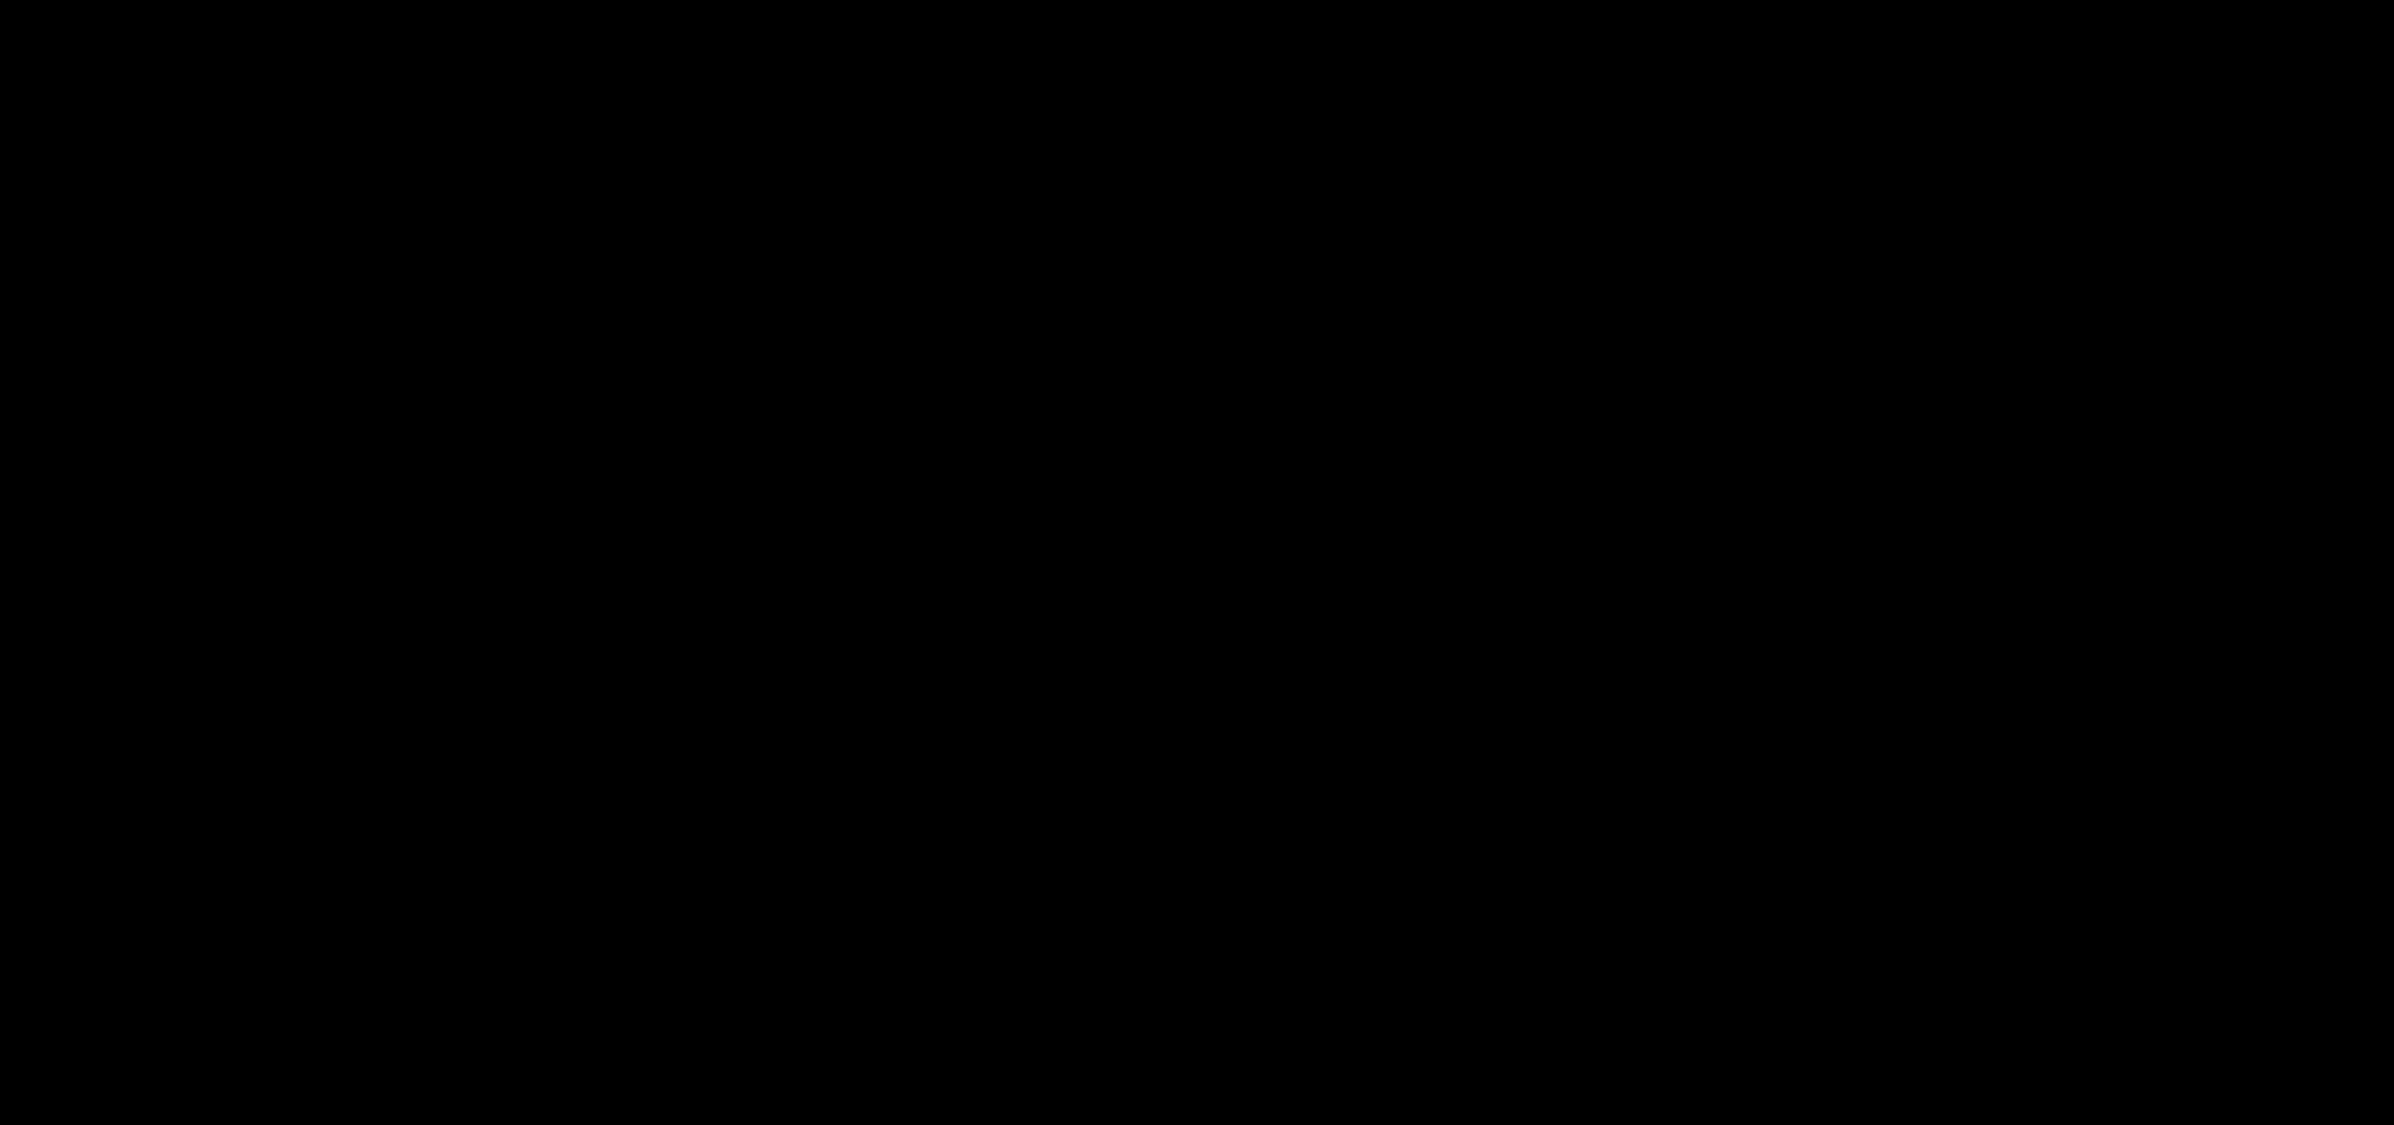 Adultist team signature